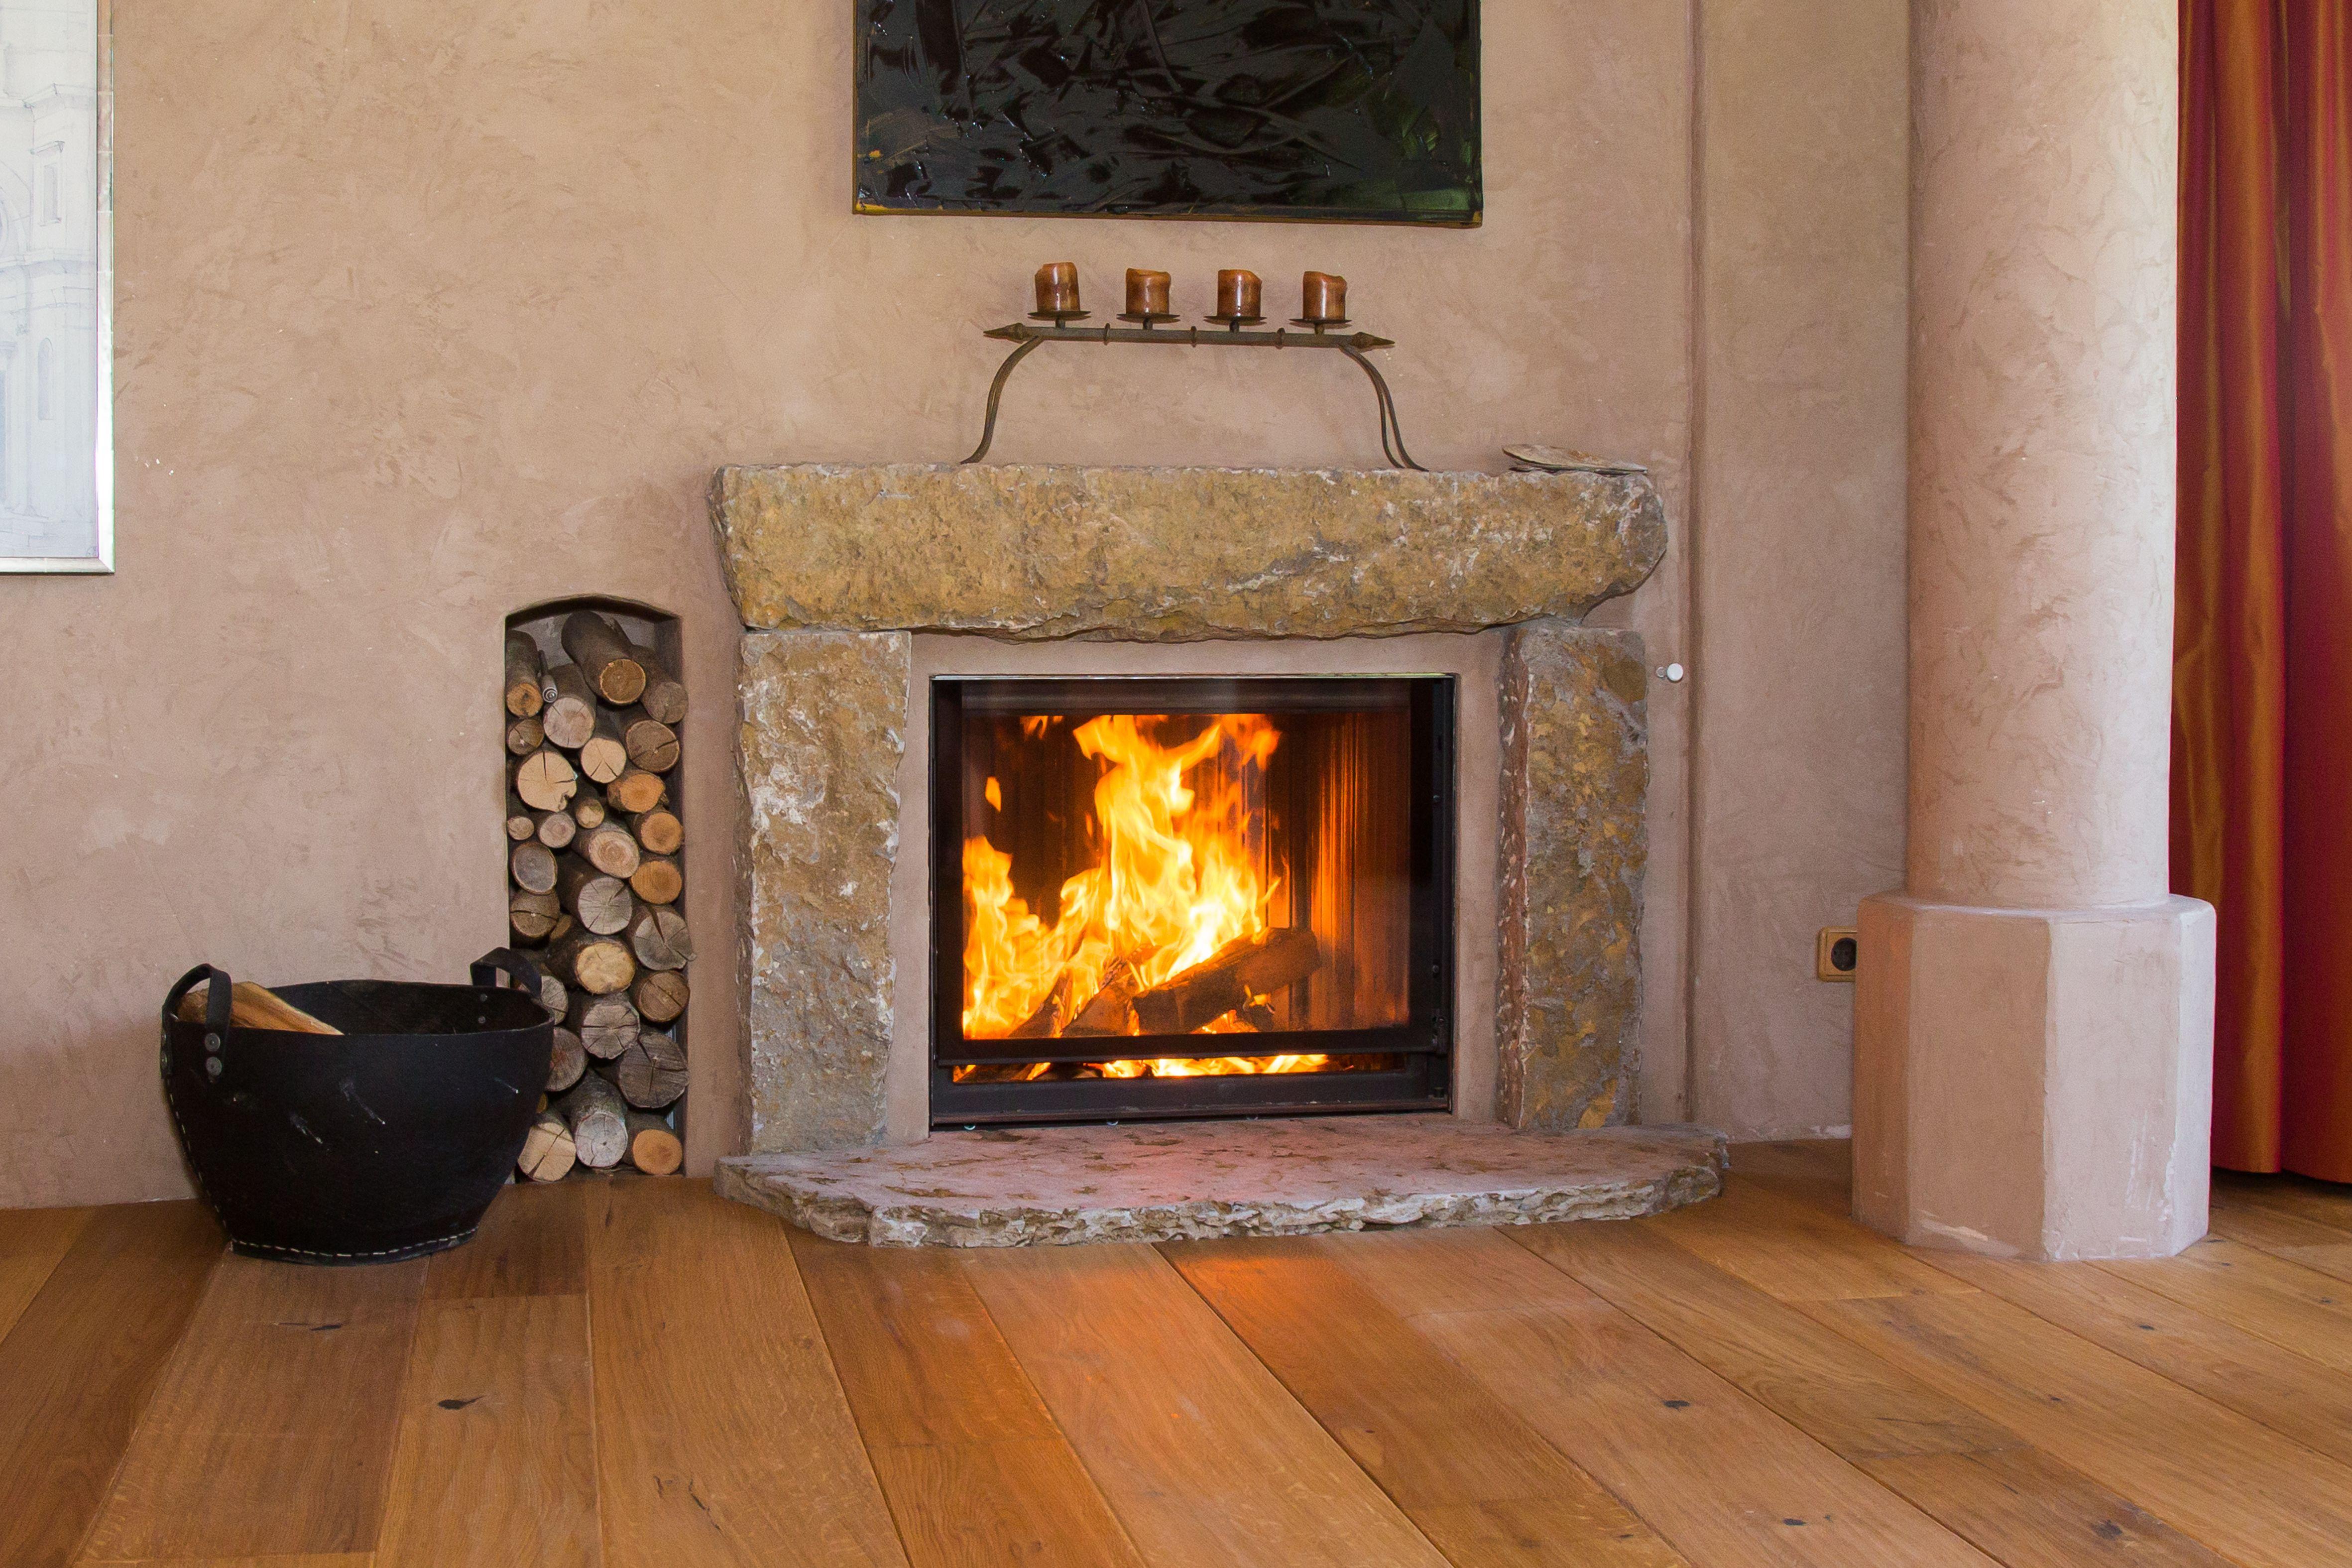 Fireplace Wabi Sabi Moderner Heizkamin Www Ofenkunst De Heizkamin Kamin Kamin Modern